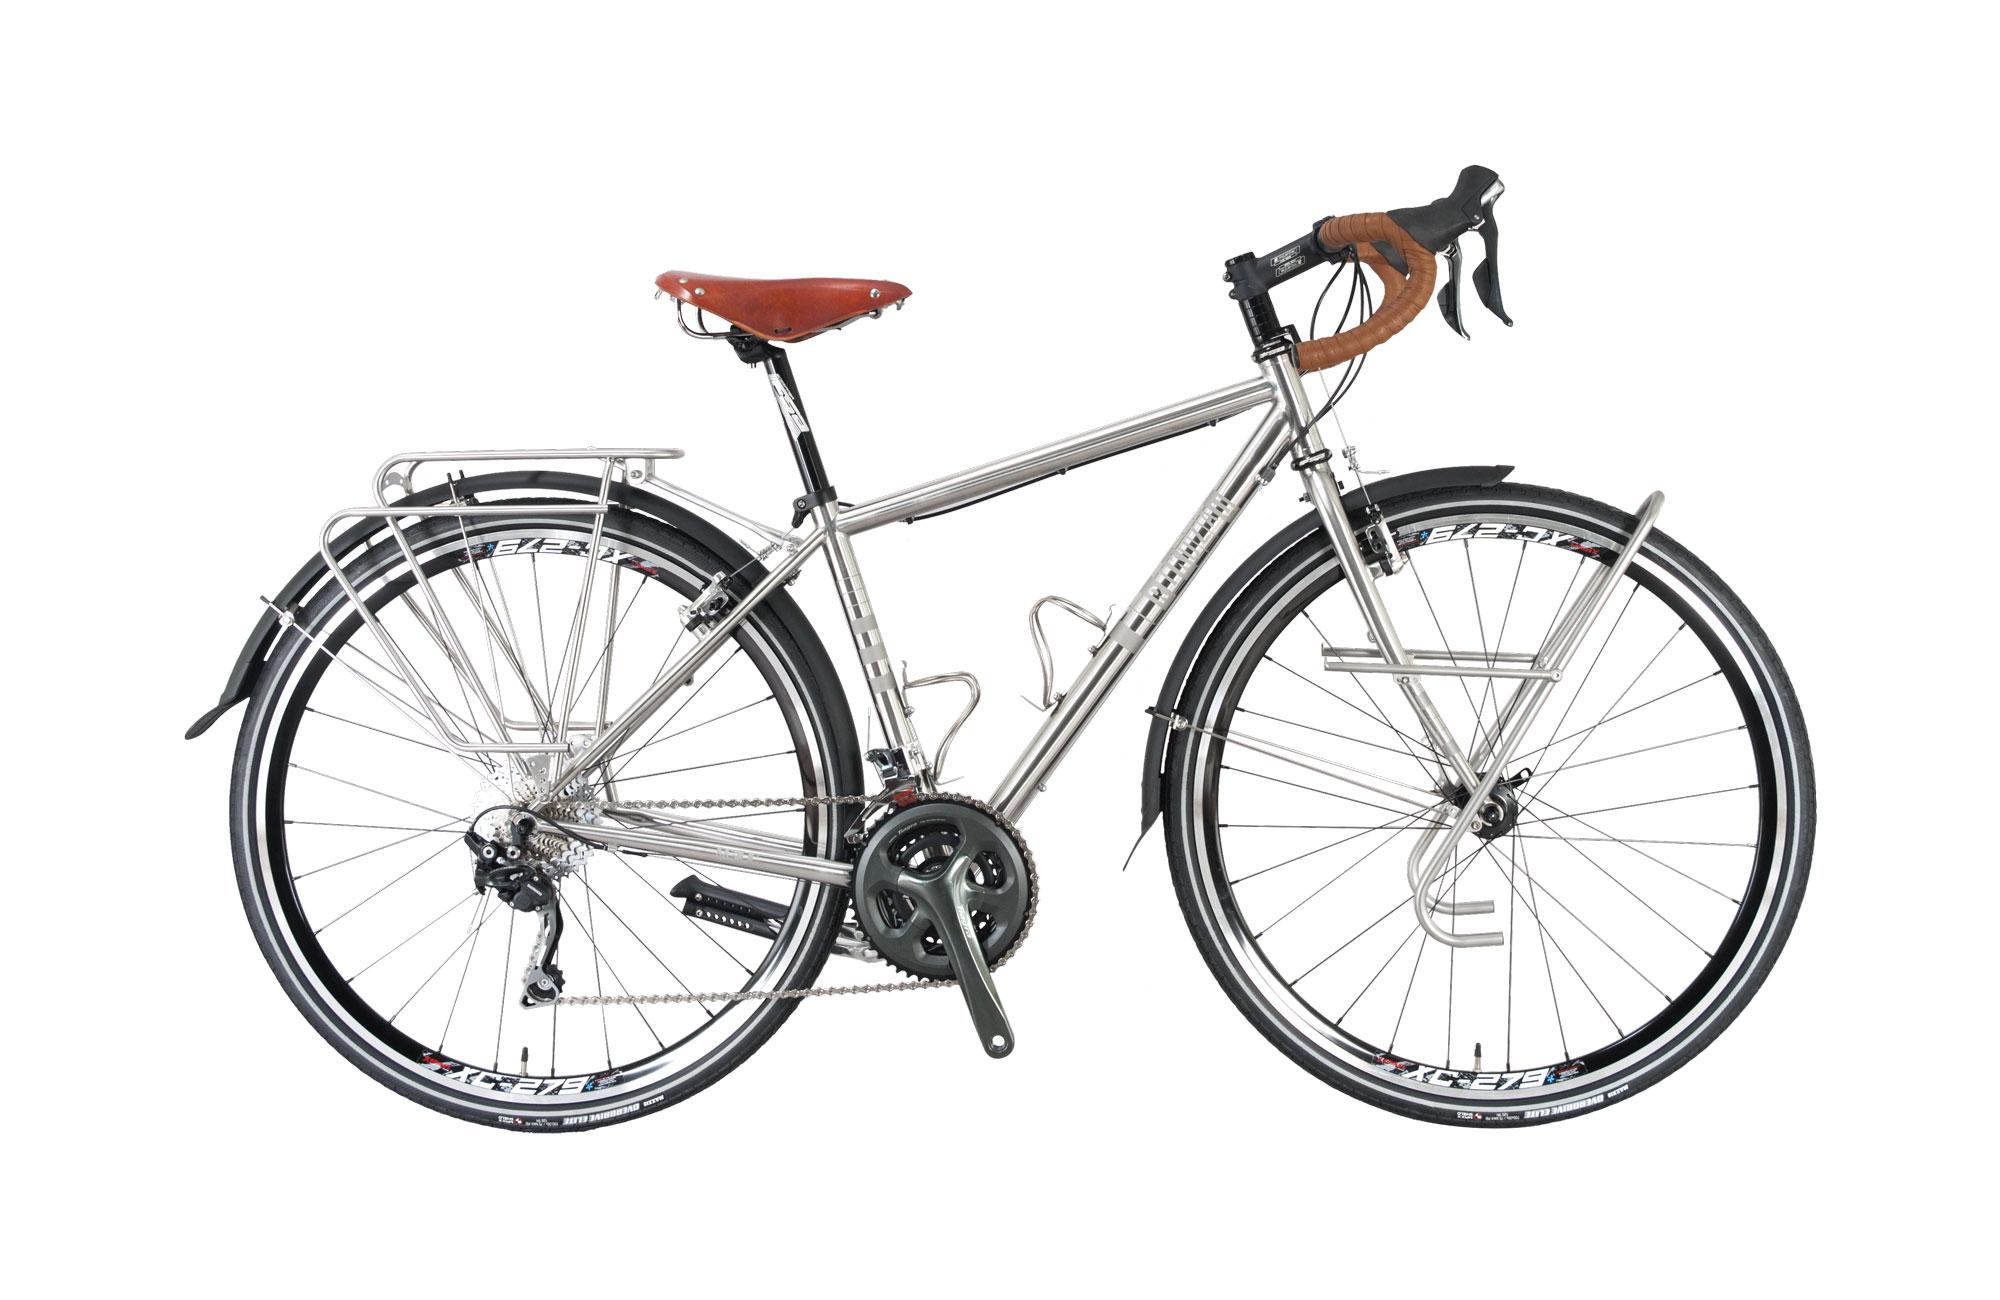 Touring Bike - Mundo M3 (stainless steel)